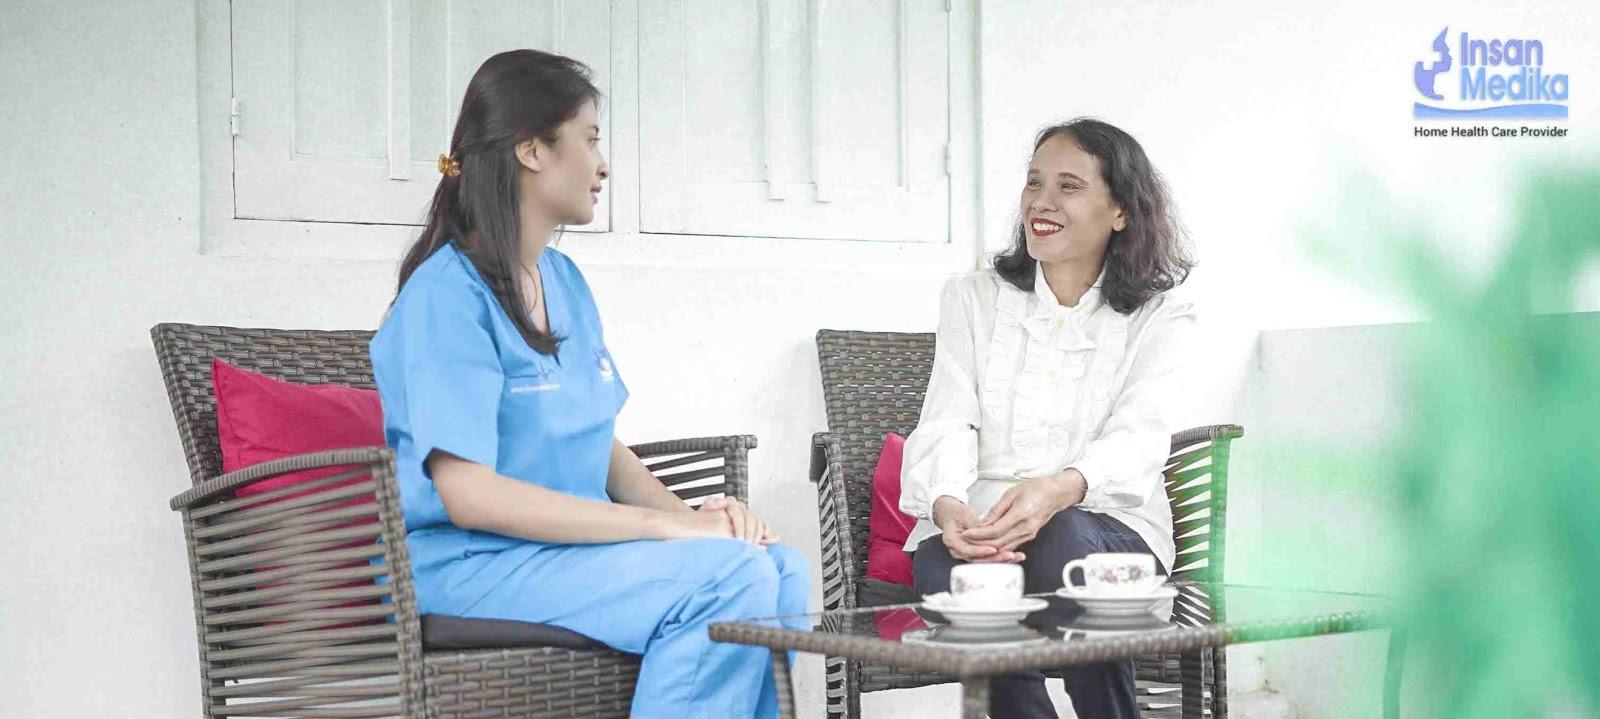 Solusi Saat Orang Tua Butuh Perawatan, Namun Waktu yang Tidak Memungkinkan